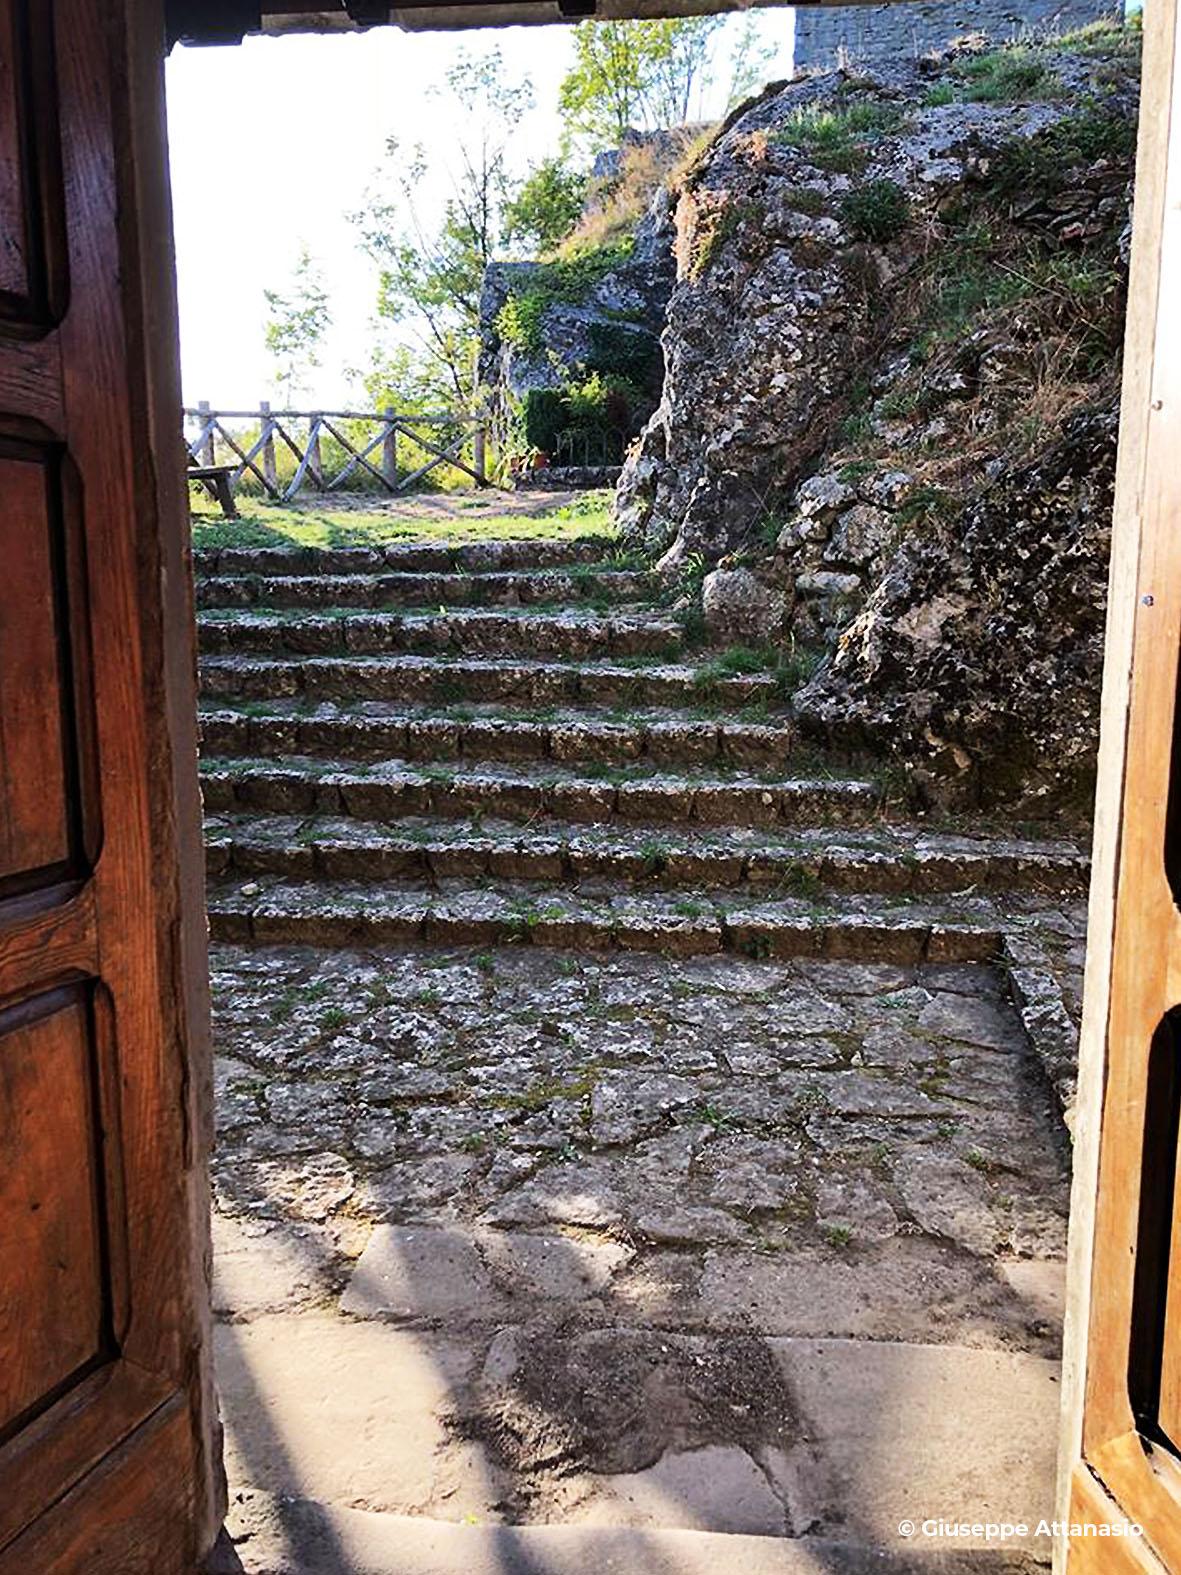 progettoidea chiusi della verna - chiesa di san michele (©giuseppe attanasio)